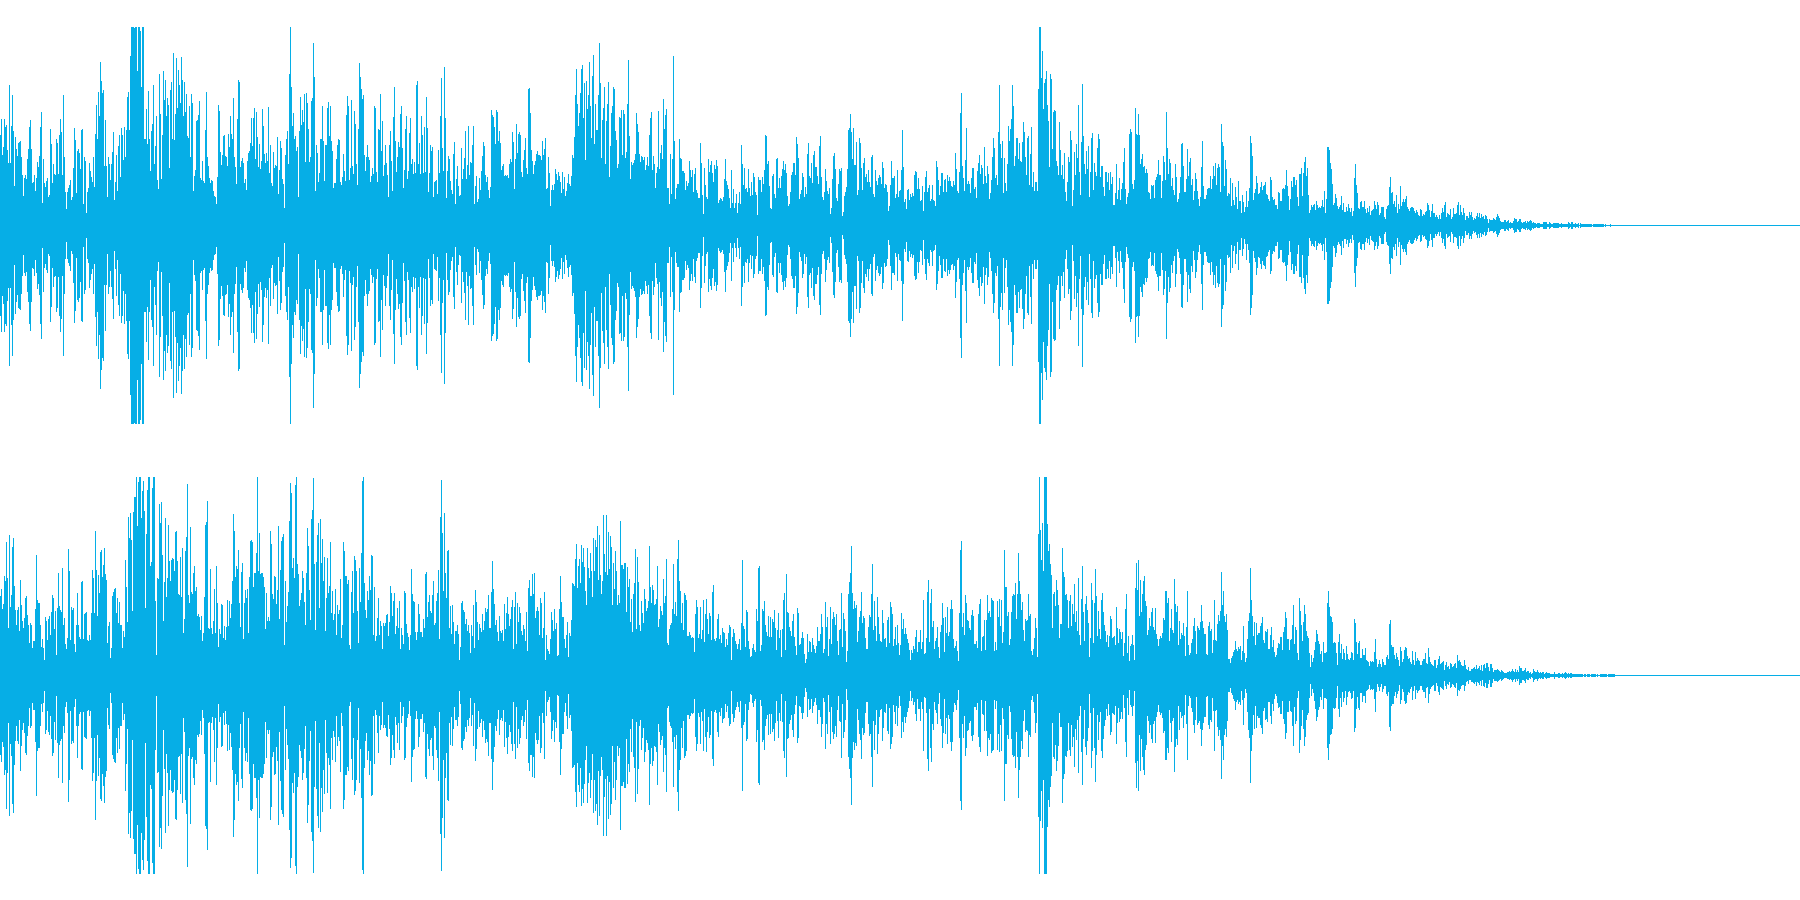 ドンパァ〜花火の本当にリアルな効果音12の再生済みの波形